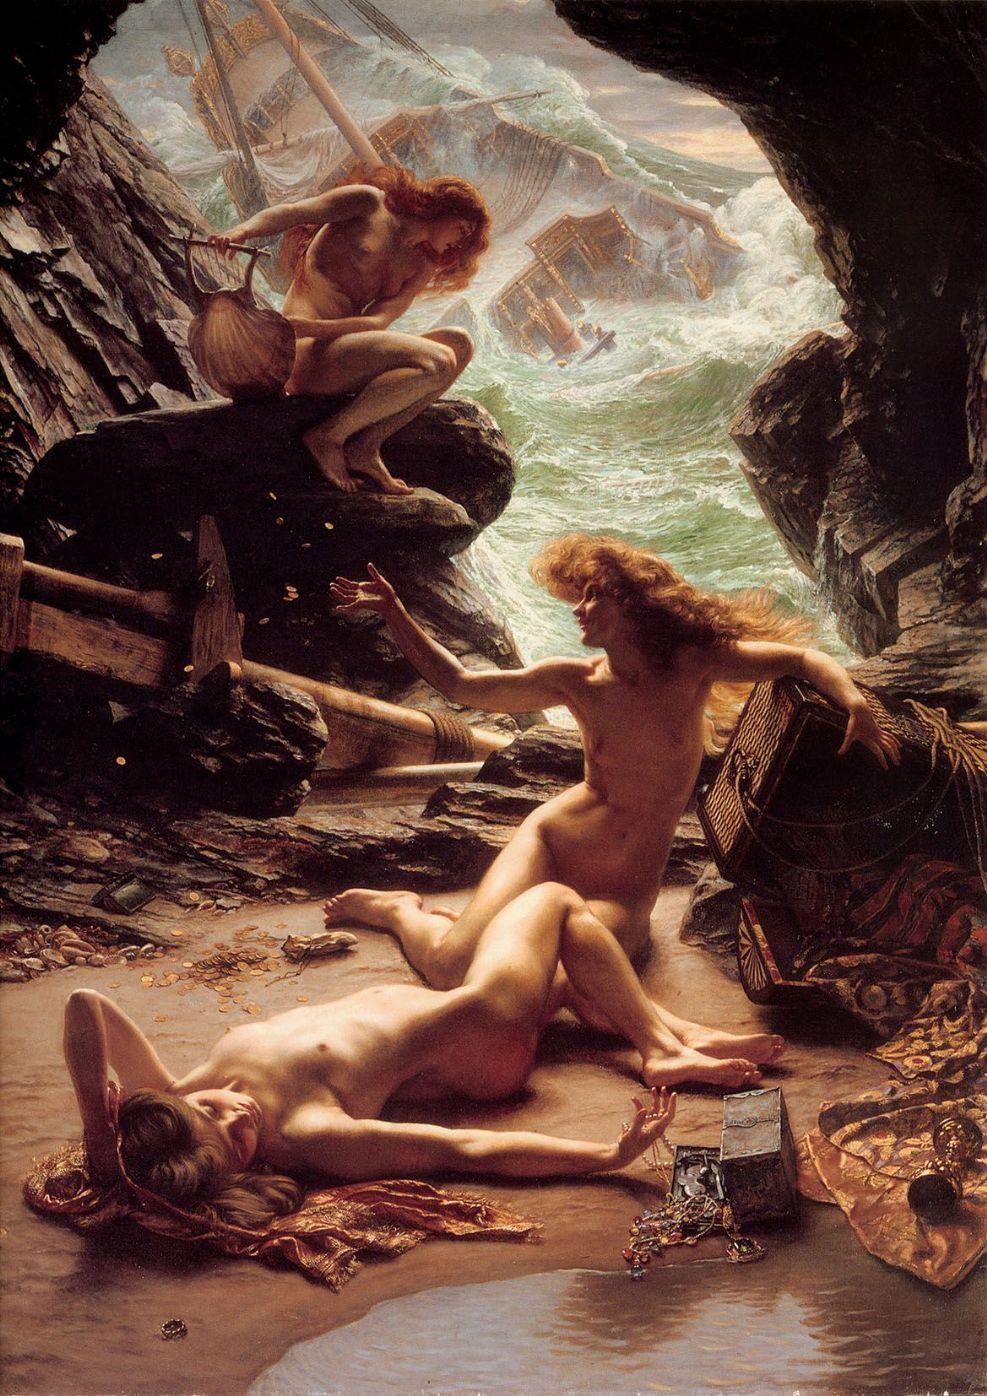 Пещера нимф шторма :: Поинтер Эдвард Джон ( Англия ), картина ню, эротика в живописи  - Картины ню, эротика в шедеврах живописи фото